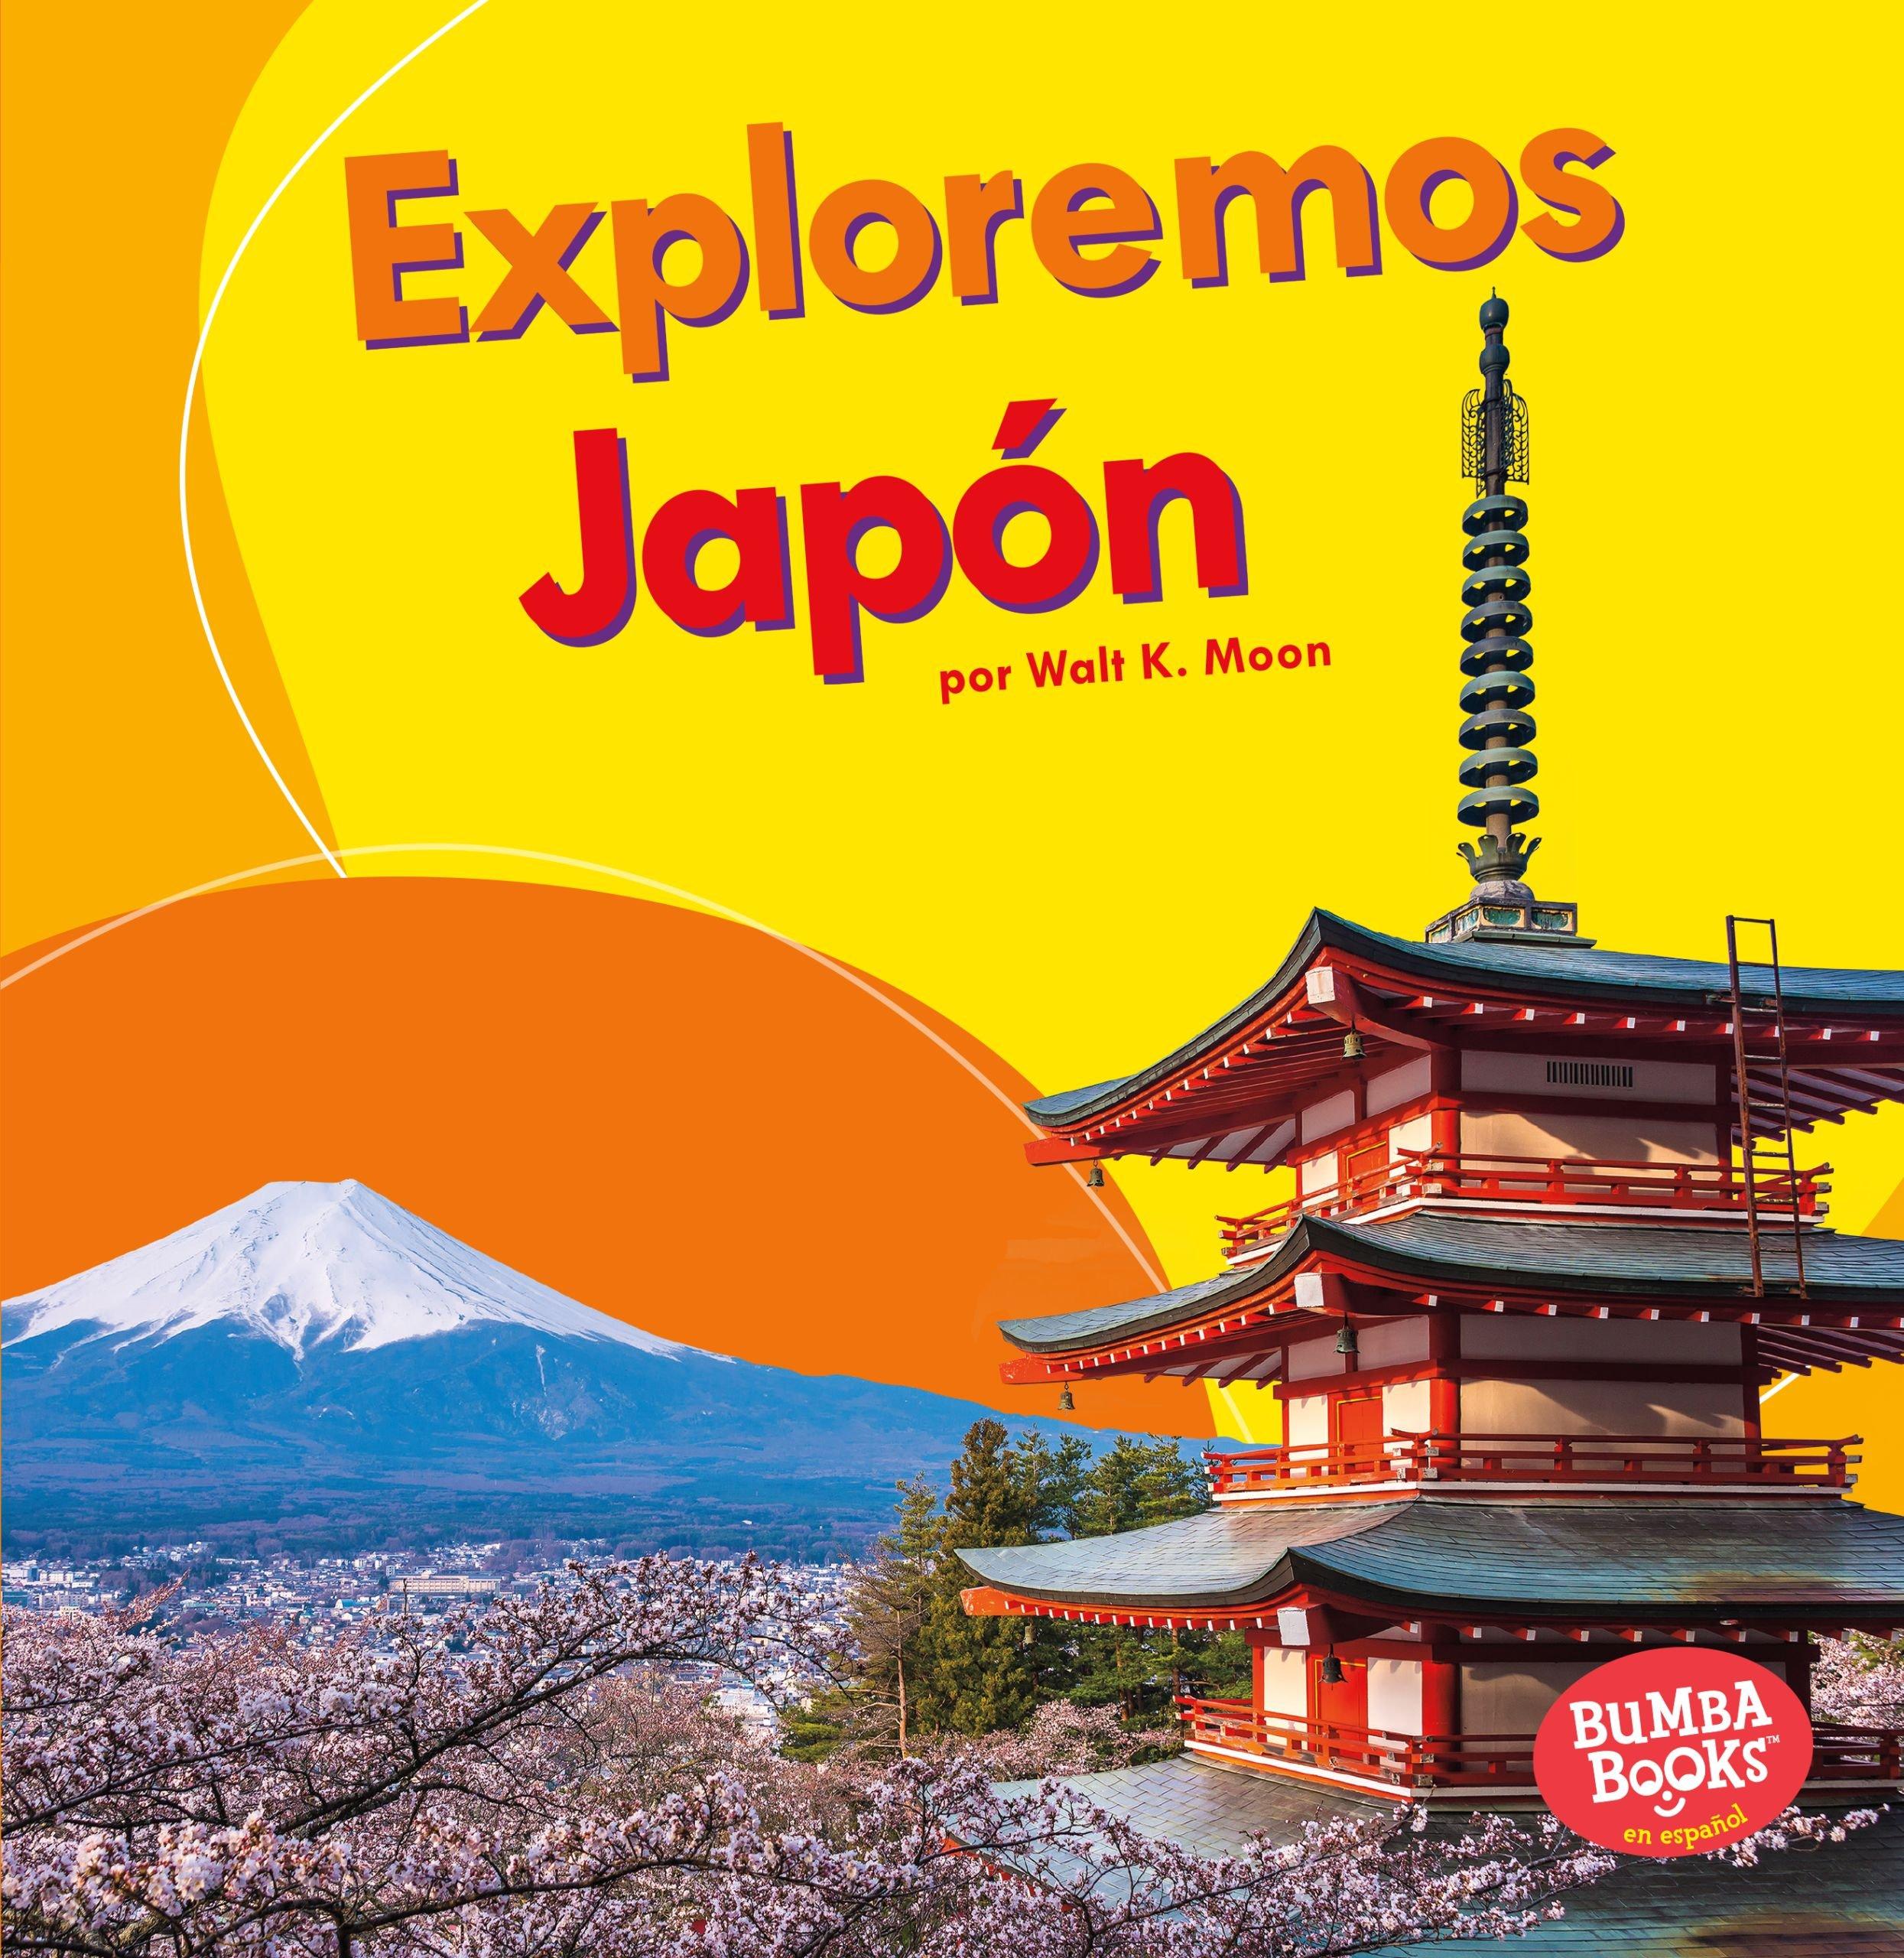 Exploremos Japón (Let's Explore Japan) (Bumba Bookos en espanol Exploremos países / Let's Explore Countries)